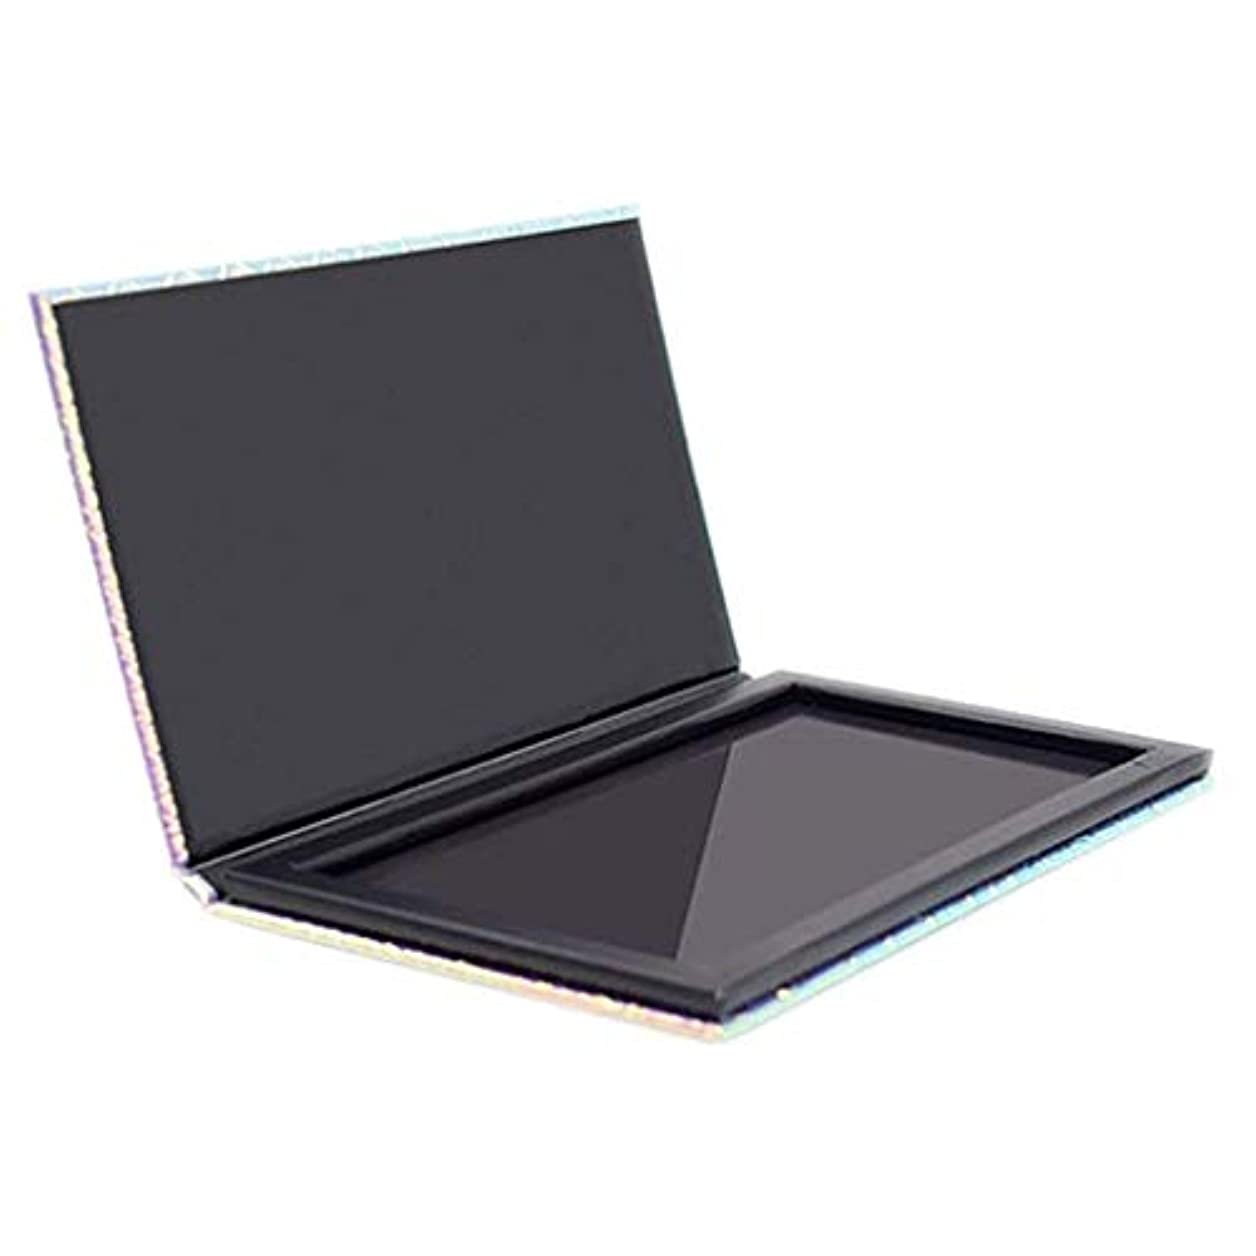 順番初心者トラップ空の磁気パレット化粧パレットパッドヒョウ大パターンDIYパレット新しい